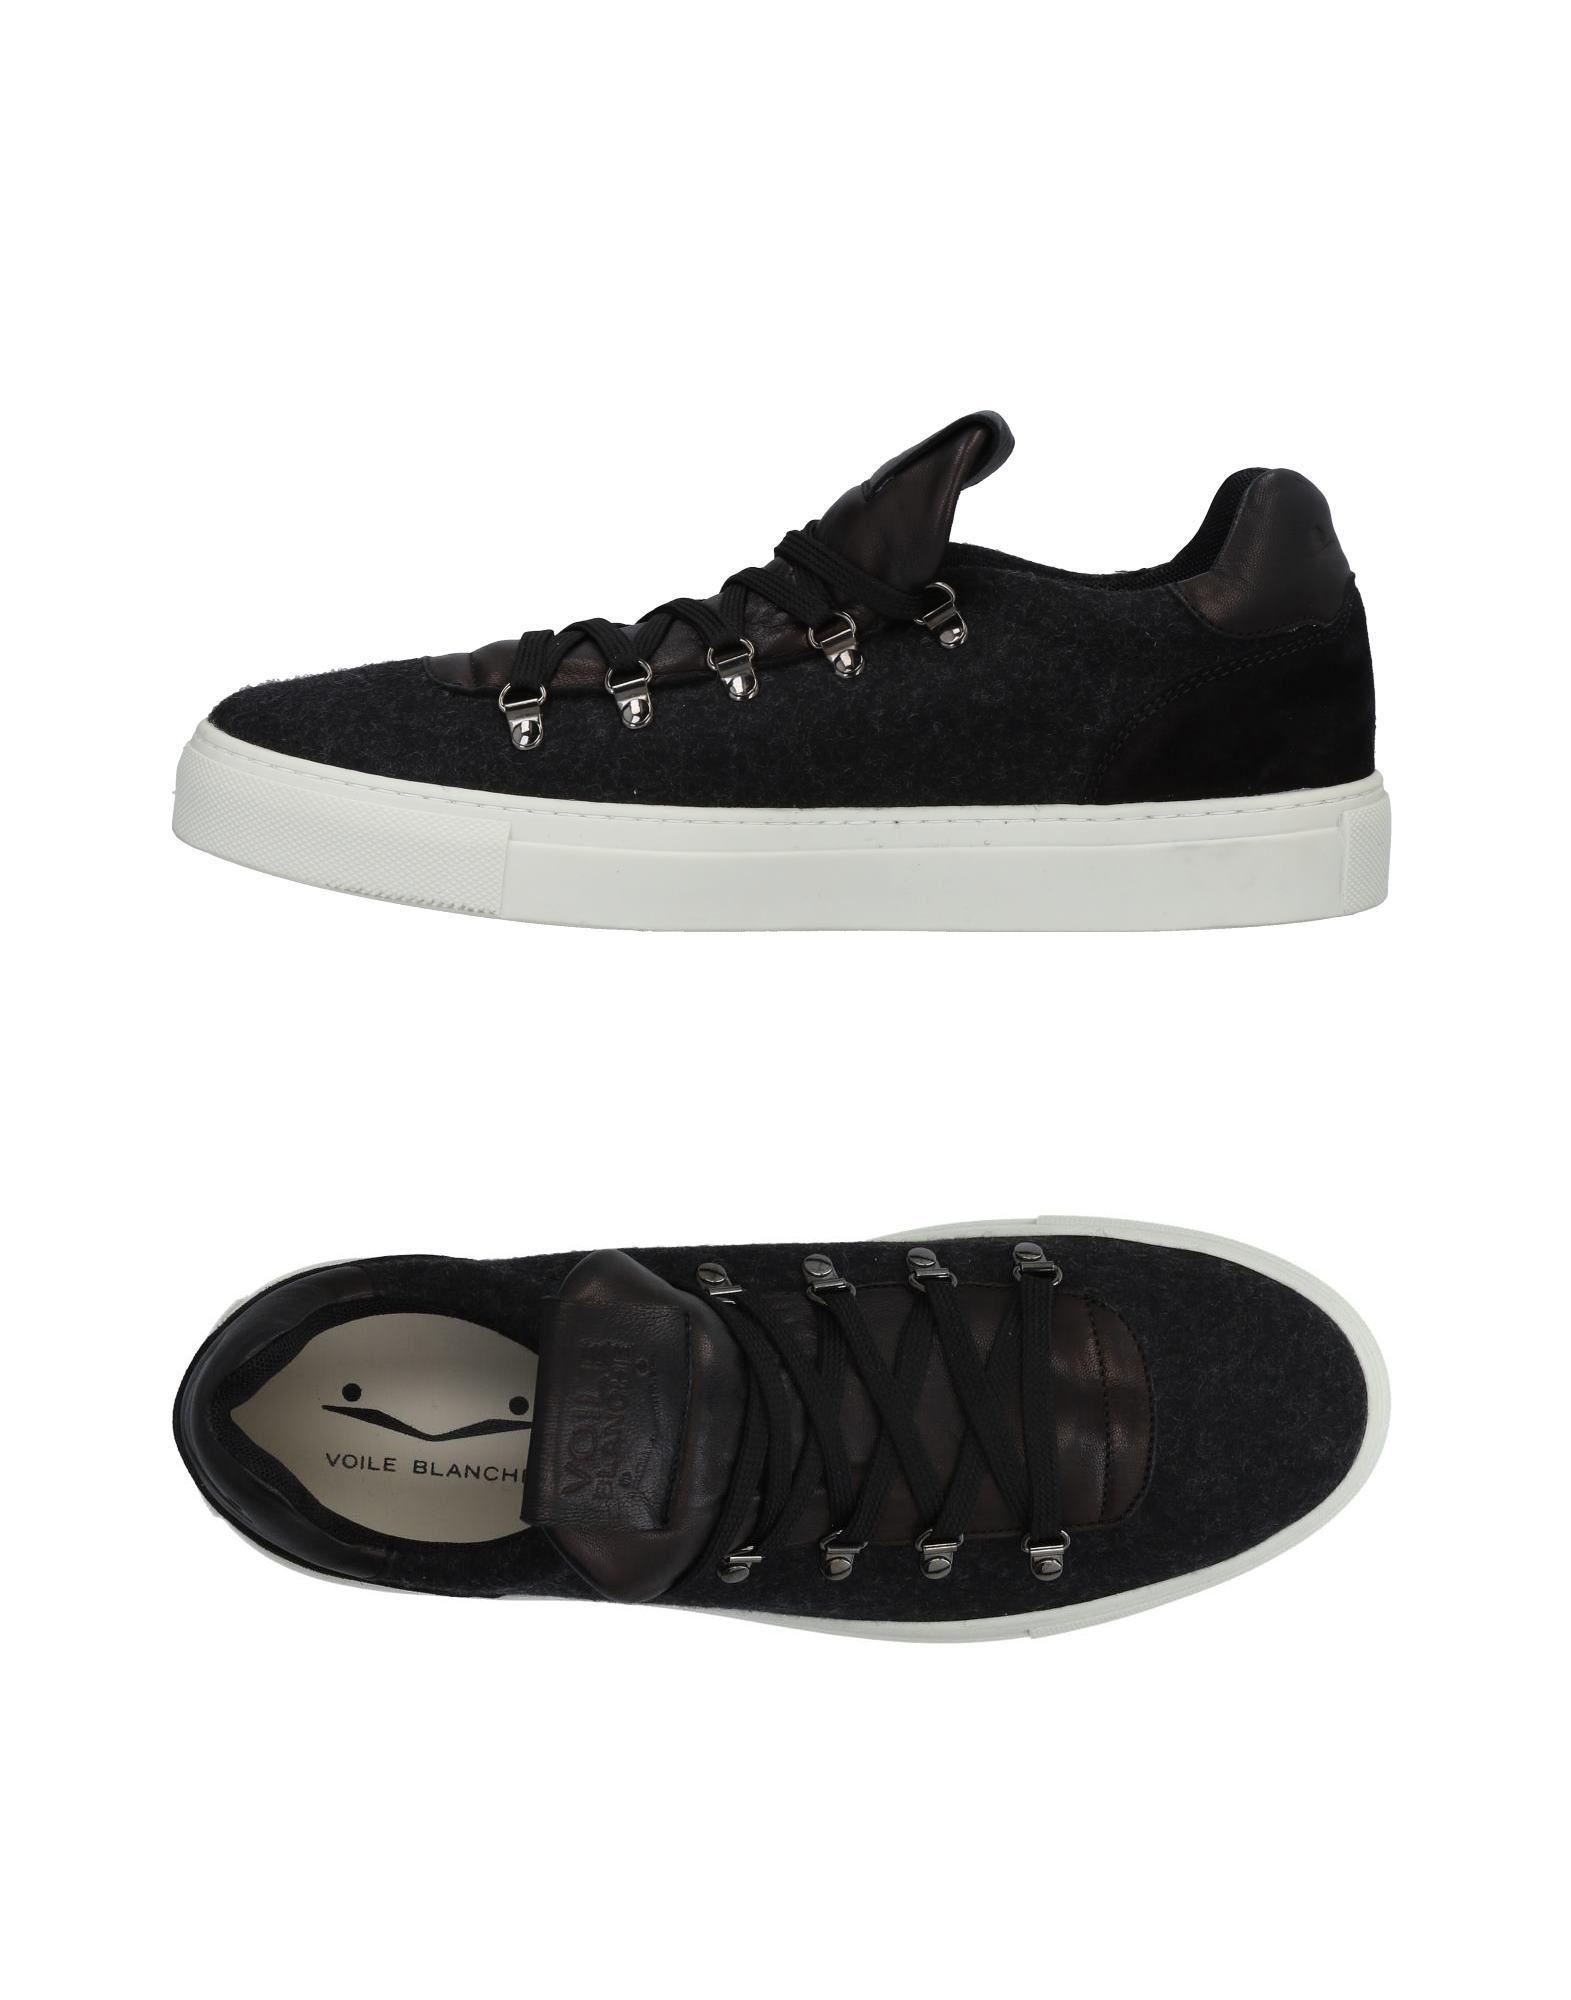 Rabatt echte Schuhe Voile Blanche Sneakers Herren  11477410RP